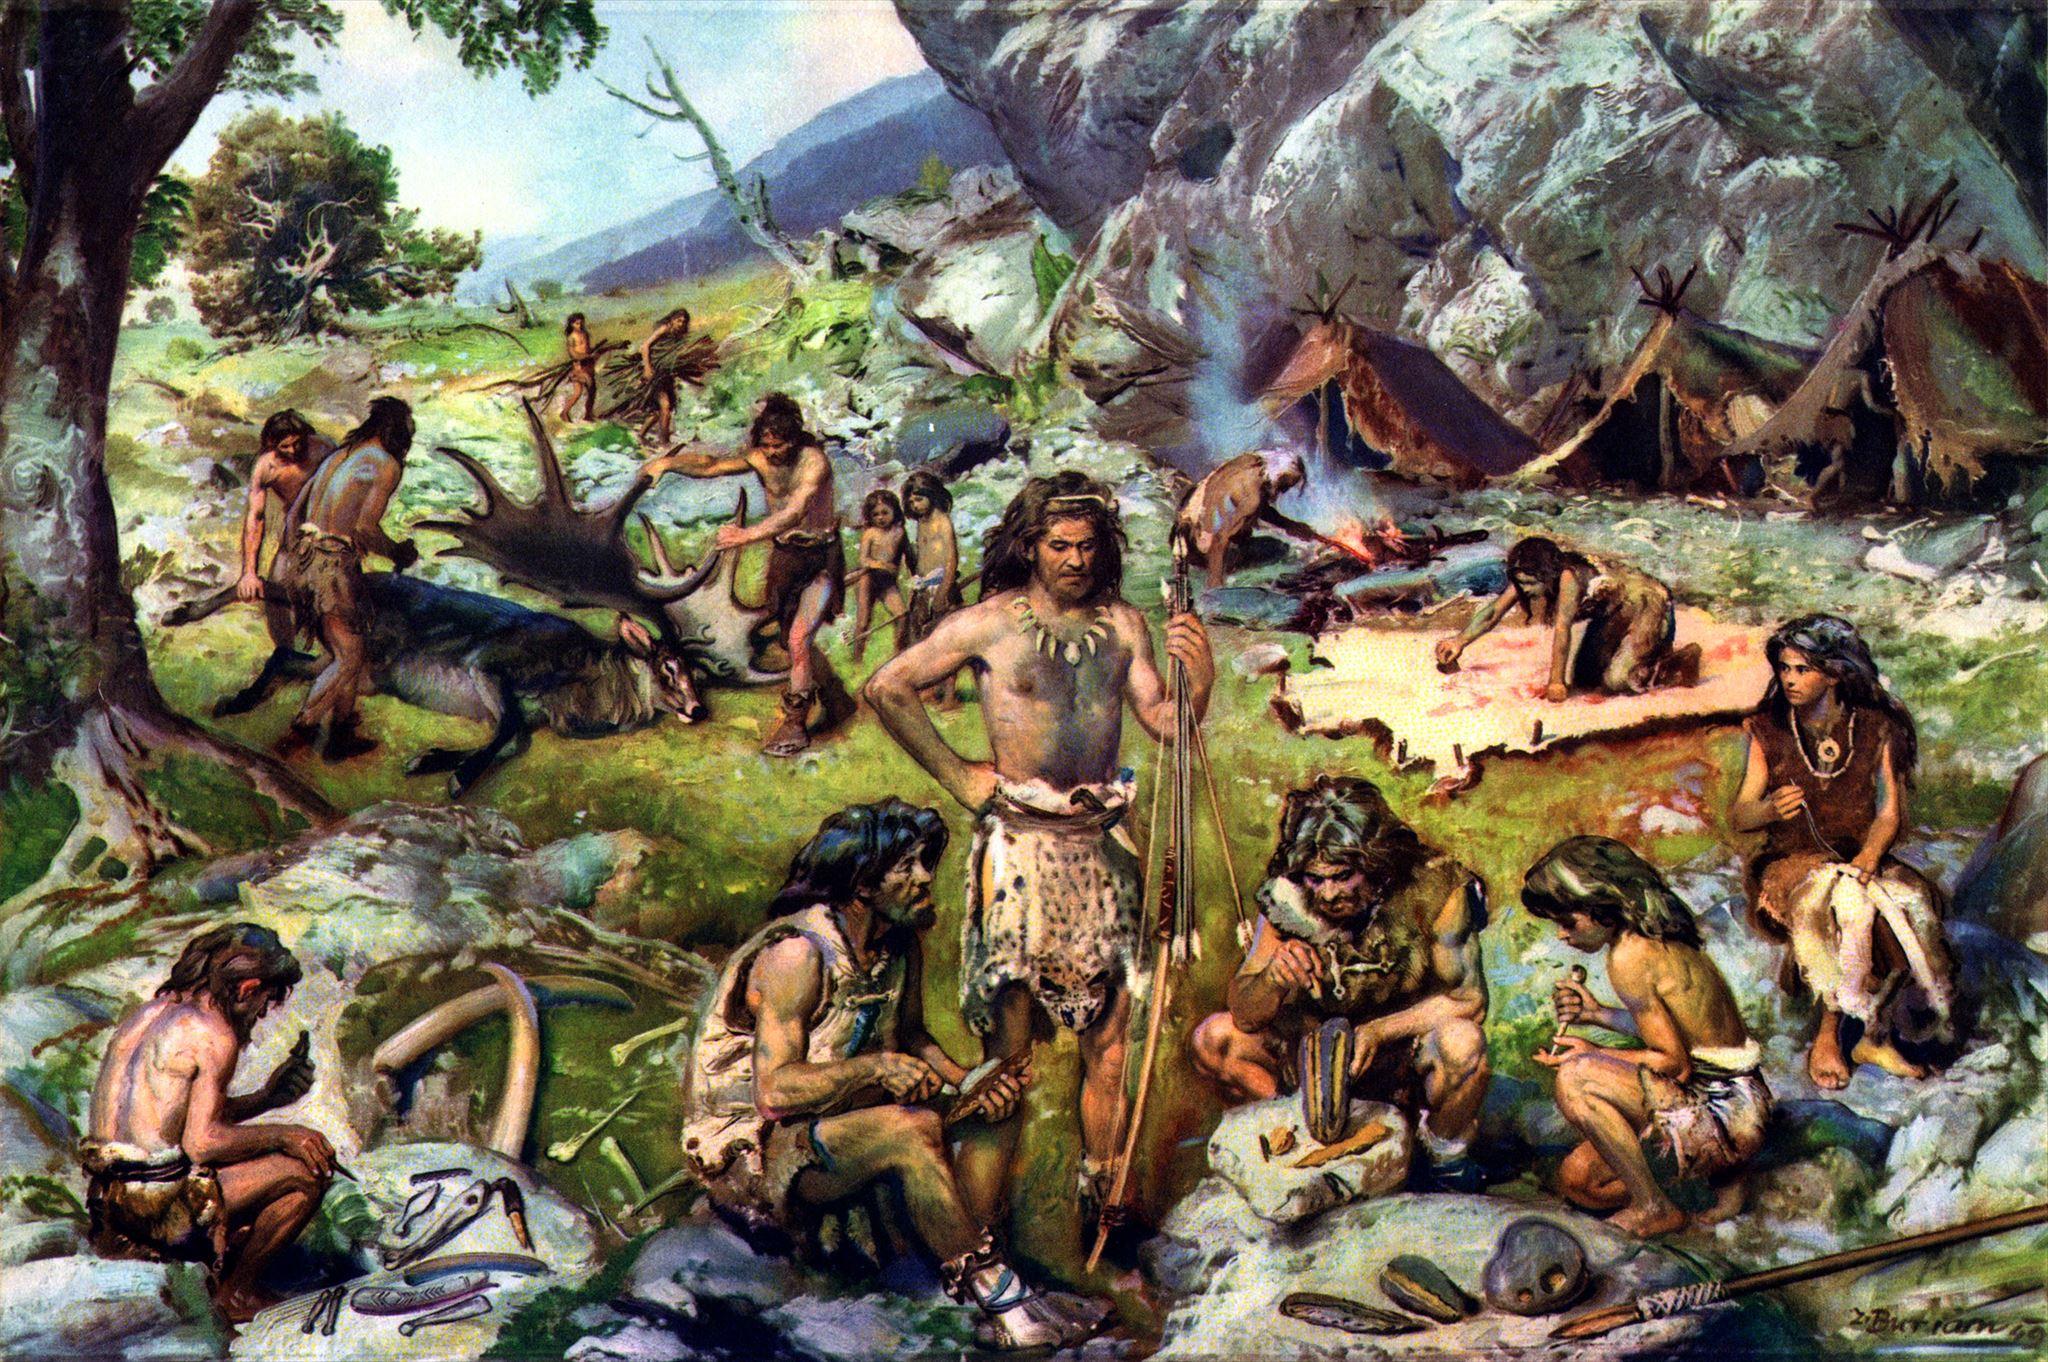 Люди каменного века. всемирная история. 5 класс - thinglink.